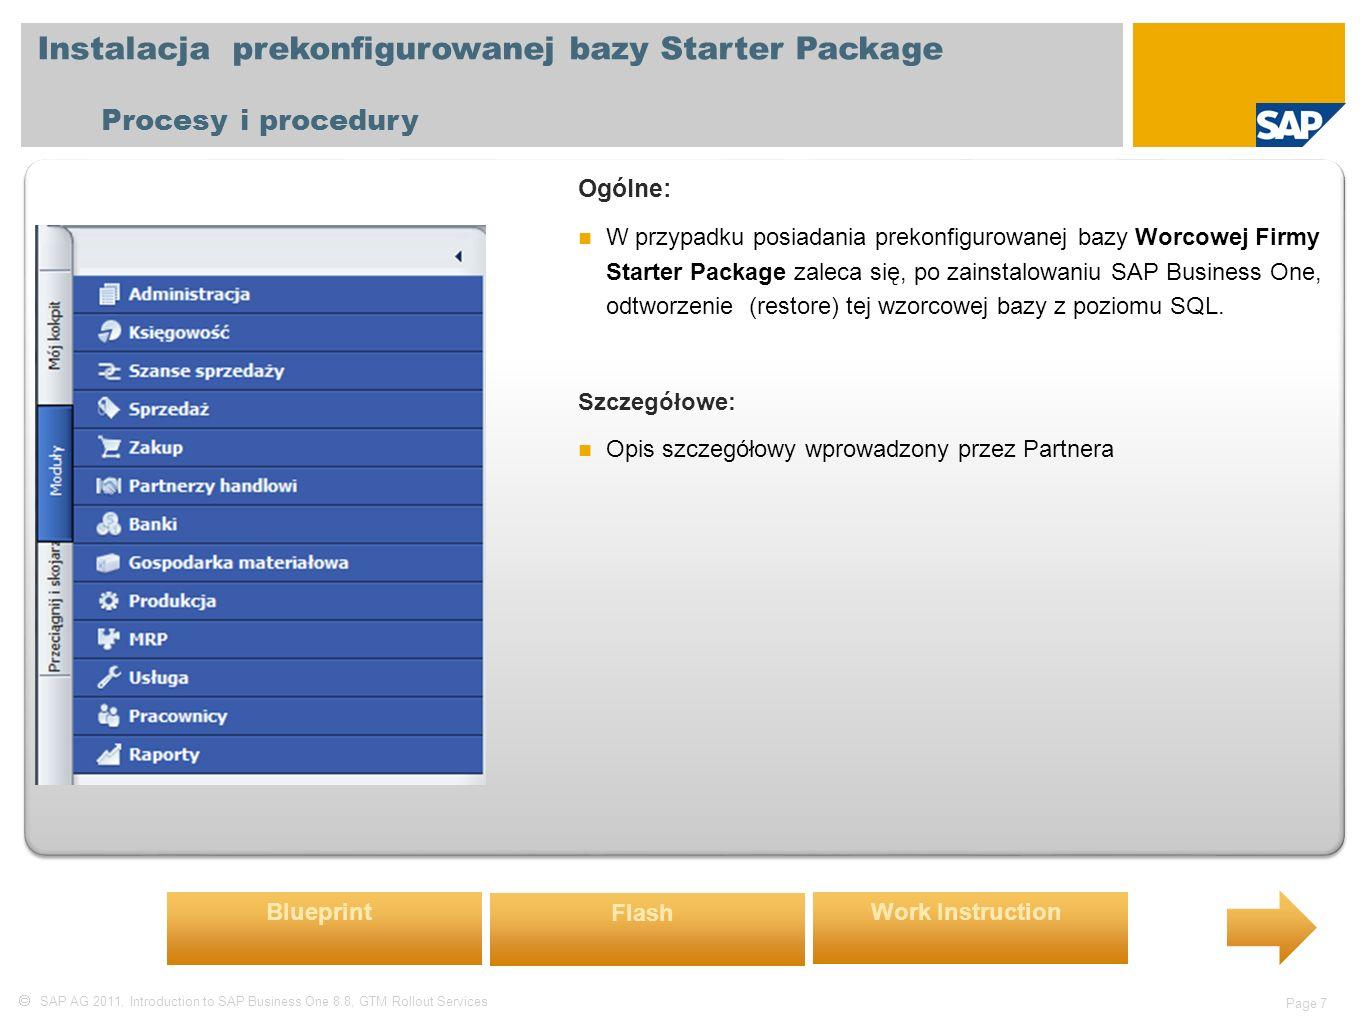  SAP AG 2011, Introduction to SAP Business One 8.8, GTM Rollout Services Page 28 Bezpieczeństwo Procesy i procedury Ogólne: W SAP Business One 8.8 do zapewnienia bezpieczeństwa i ochrony danych służą: Dane uwierzytelniające bazy danych są niewidoczne dla użytkownika.